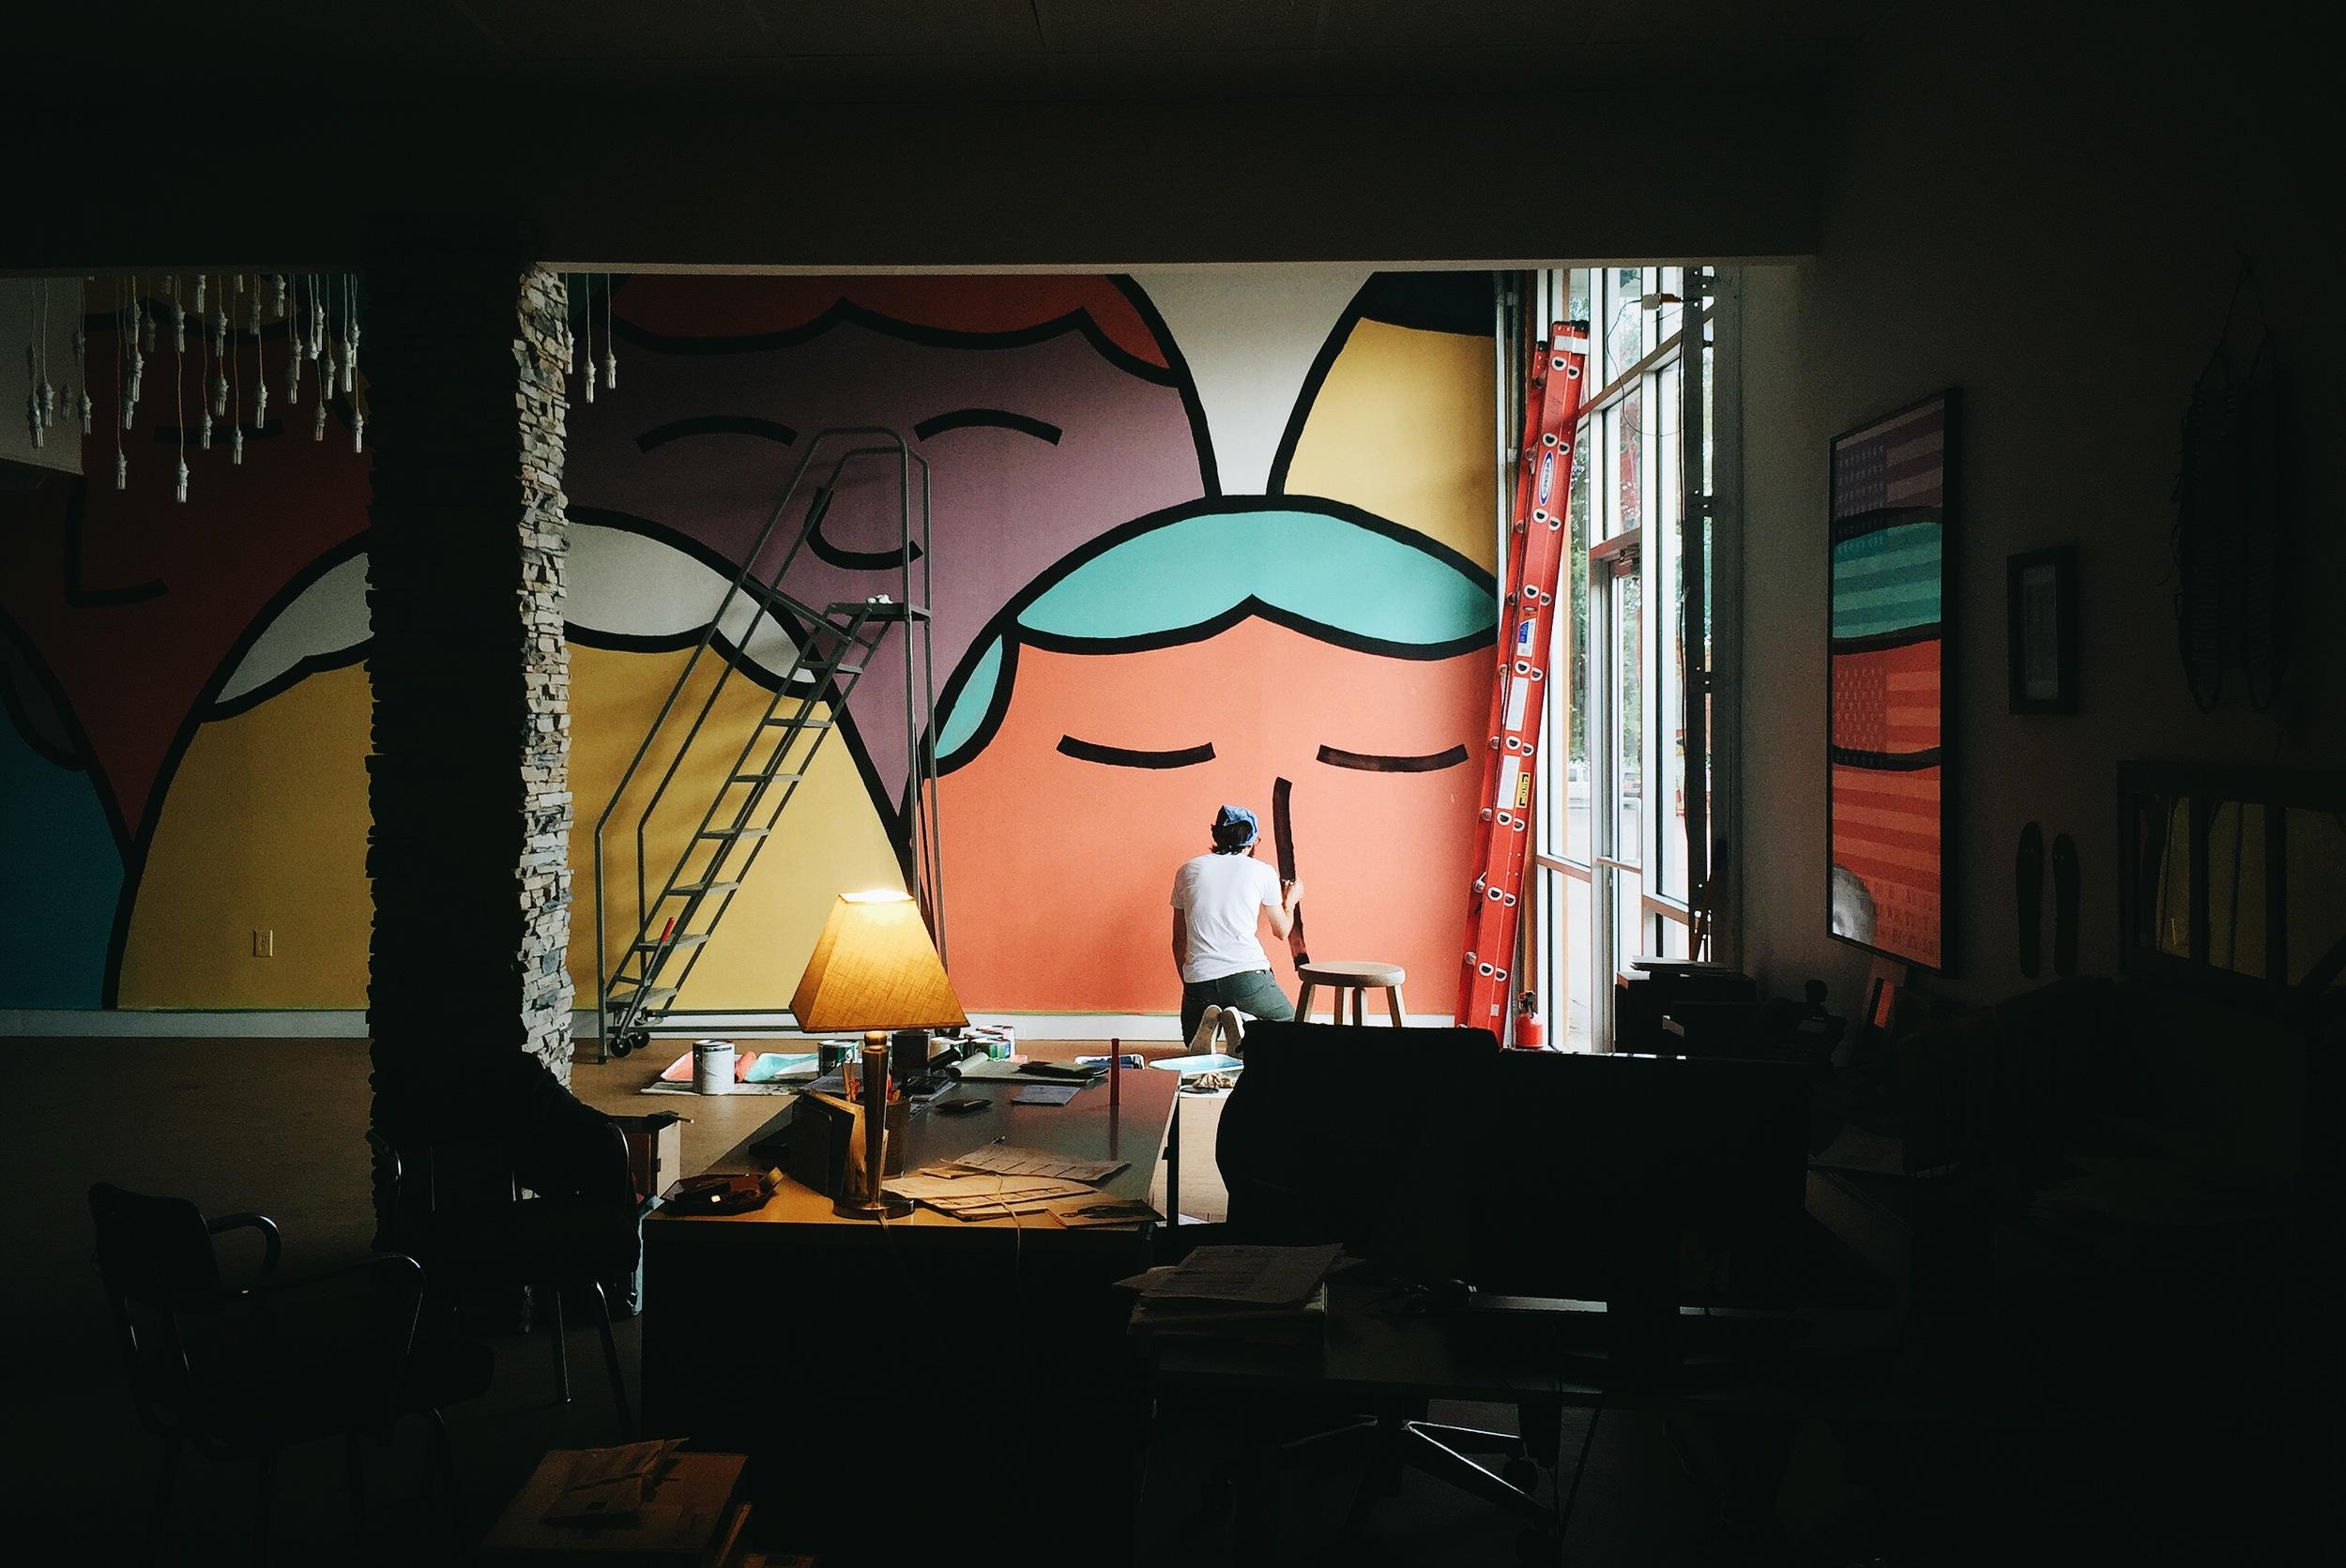 Hari Mari Mural by Kyle Steed